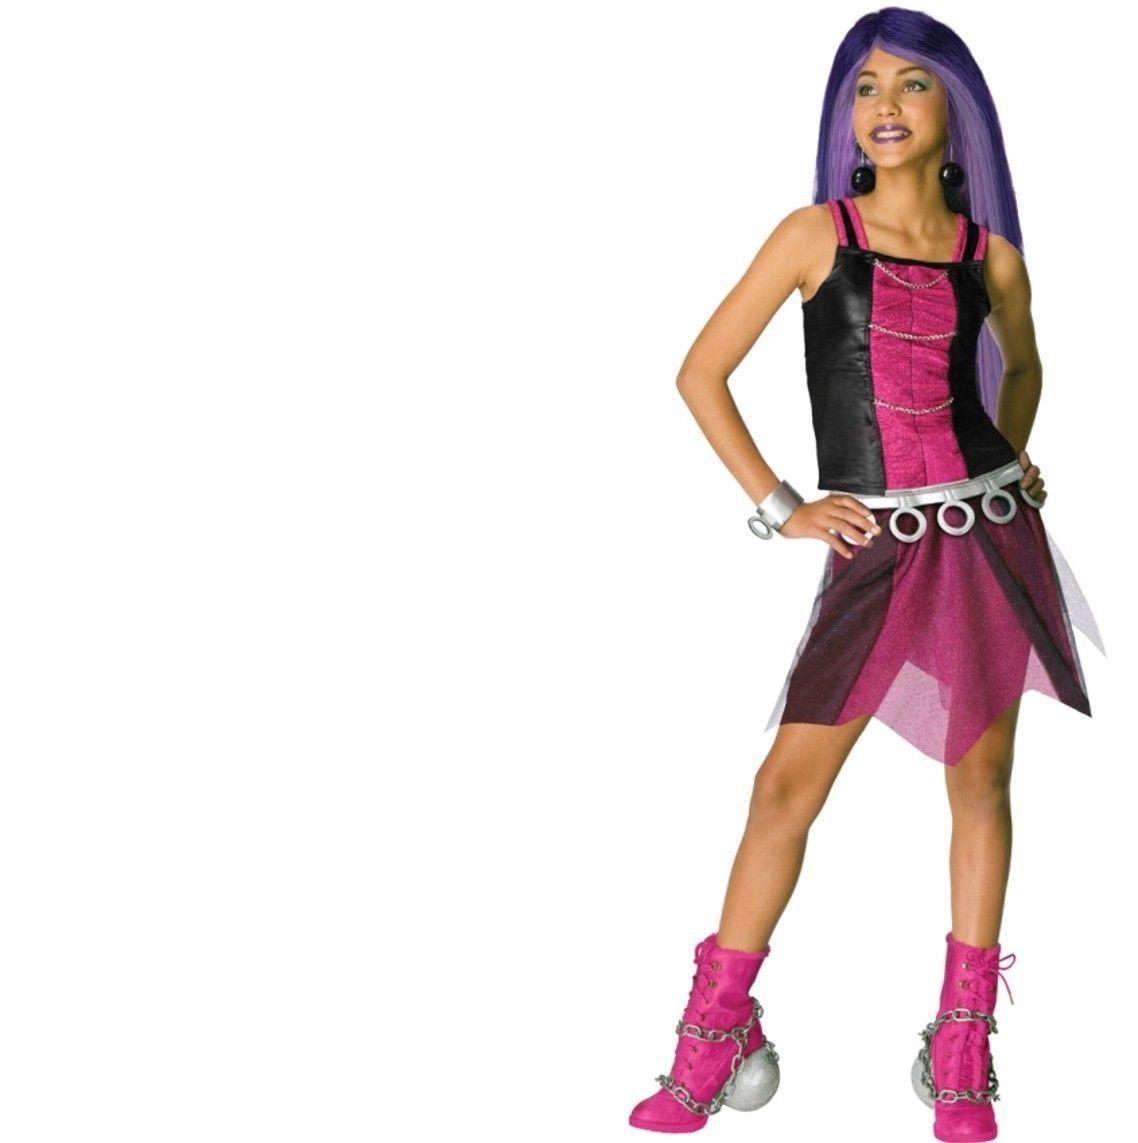 Monster High - Costume - Spectra Vondergeist - Child - Size Large